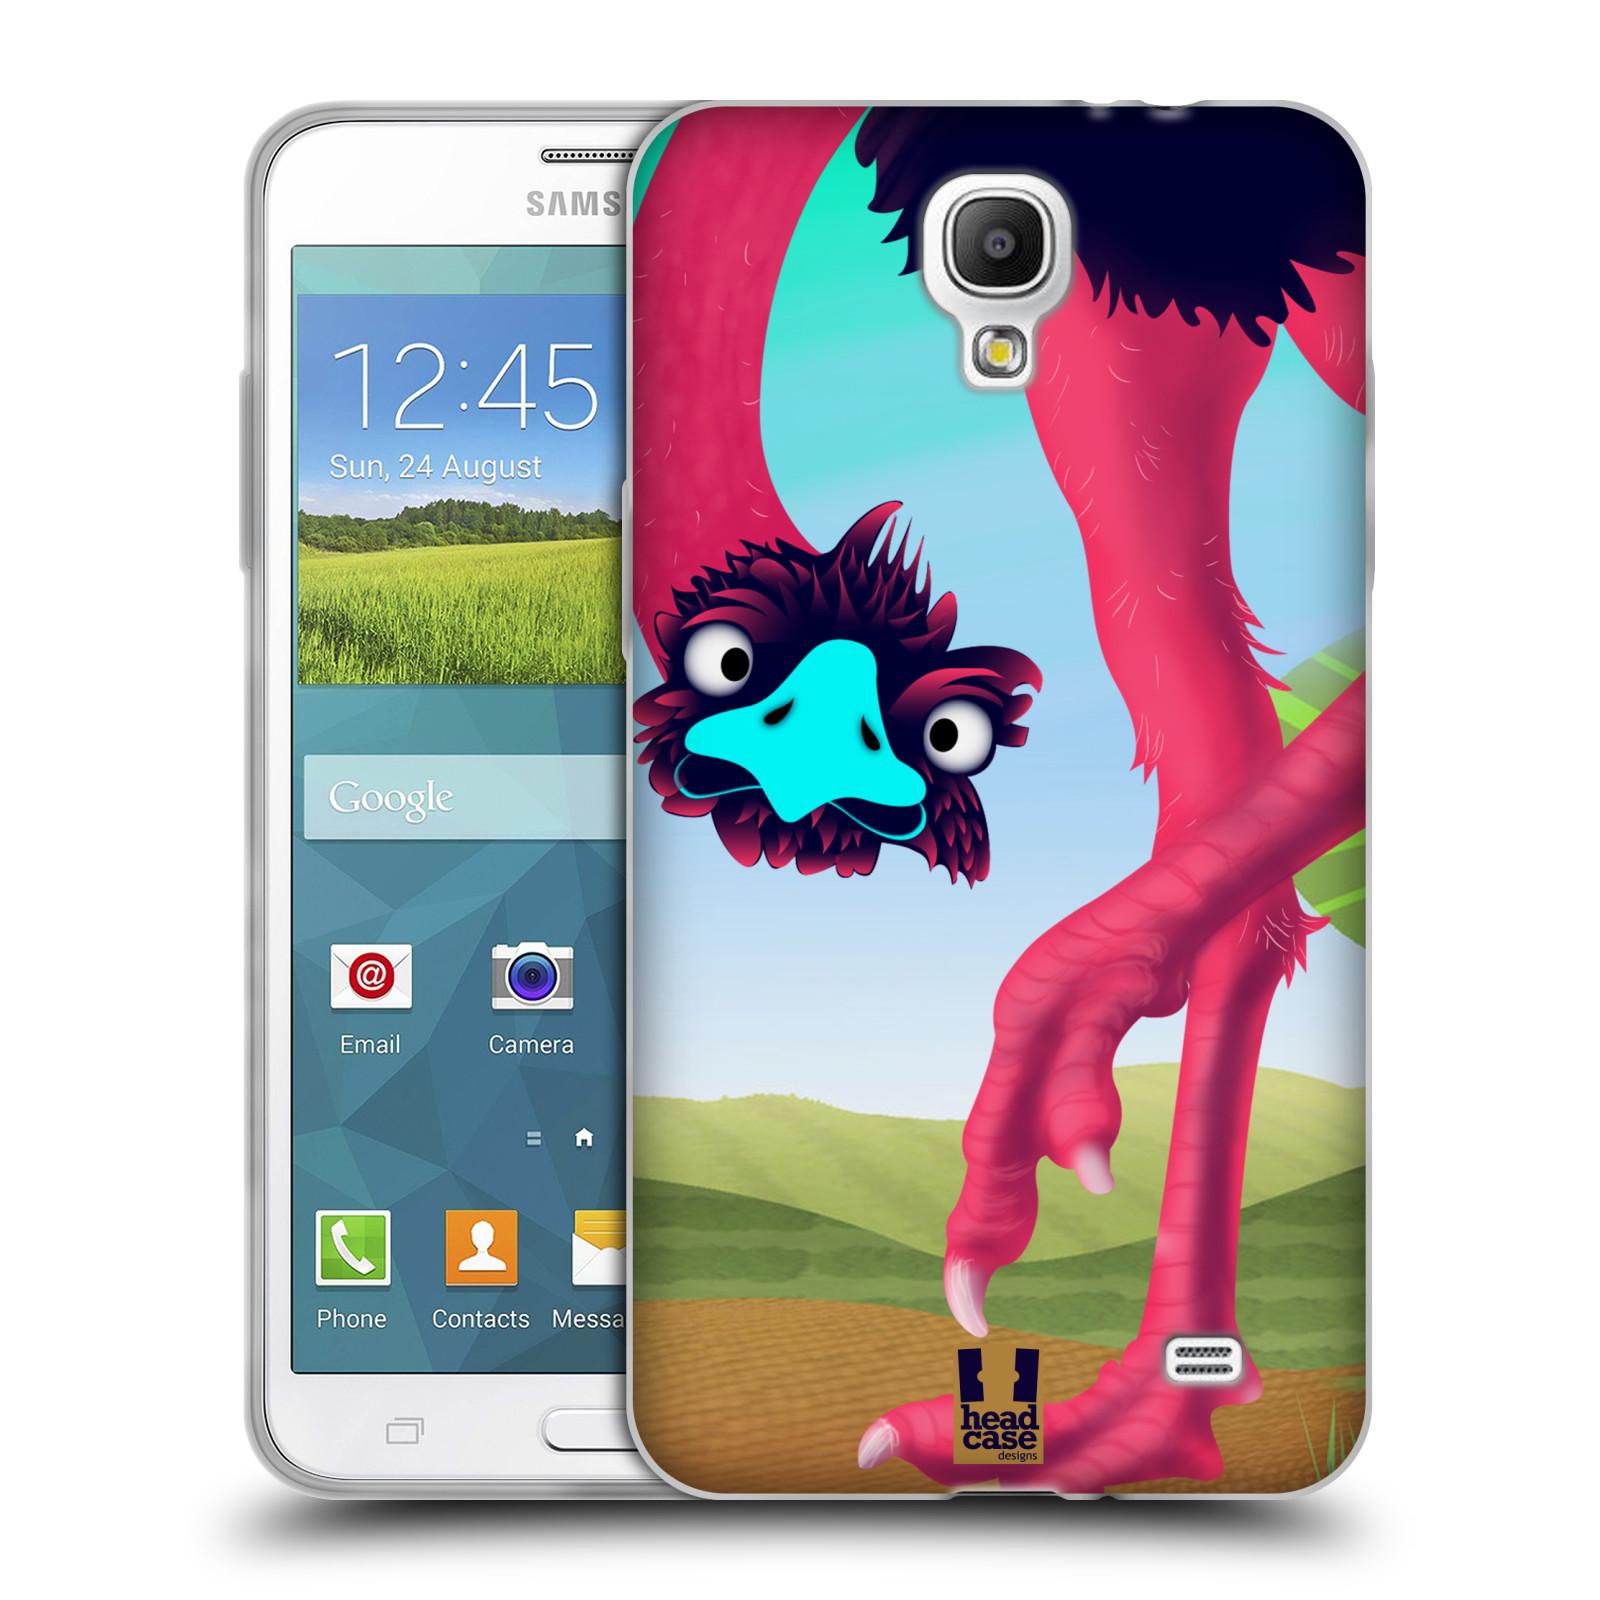 HEAD CASE silikonový obal na mobil Samsung Galaxy Mega 2 vzor dlouhé nohy kreslená zvířátka pštros